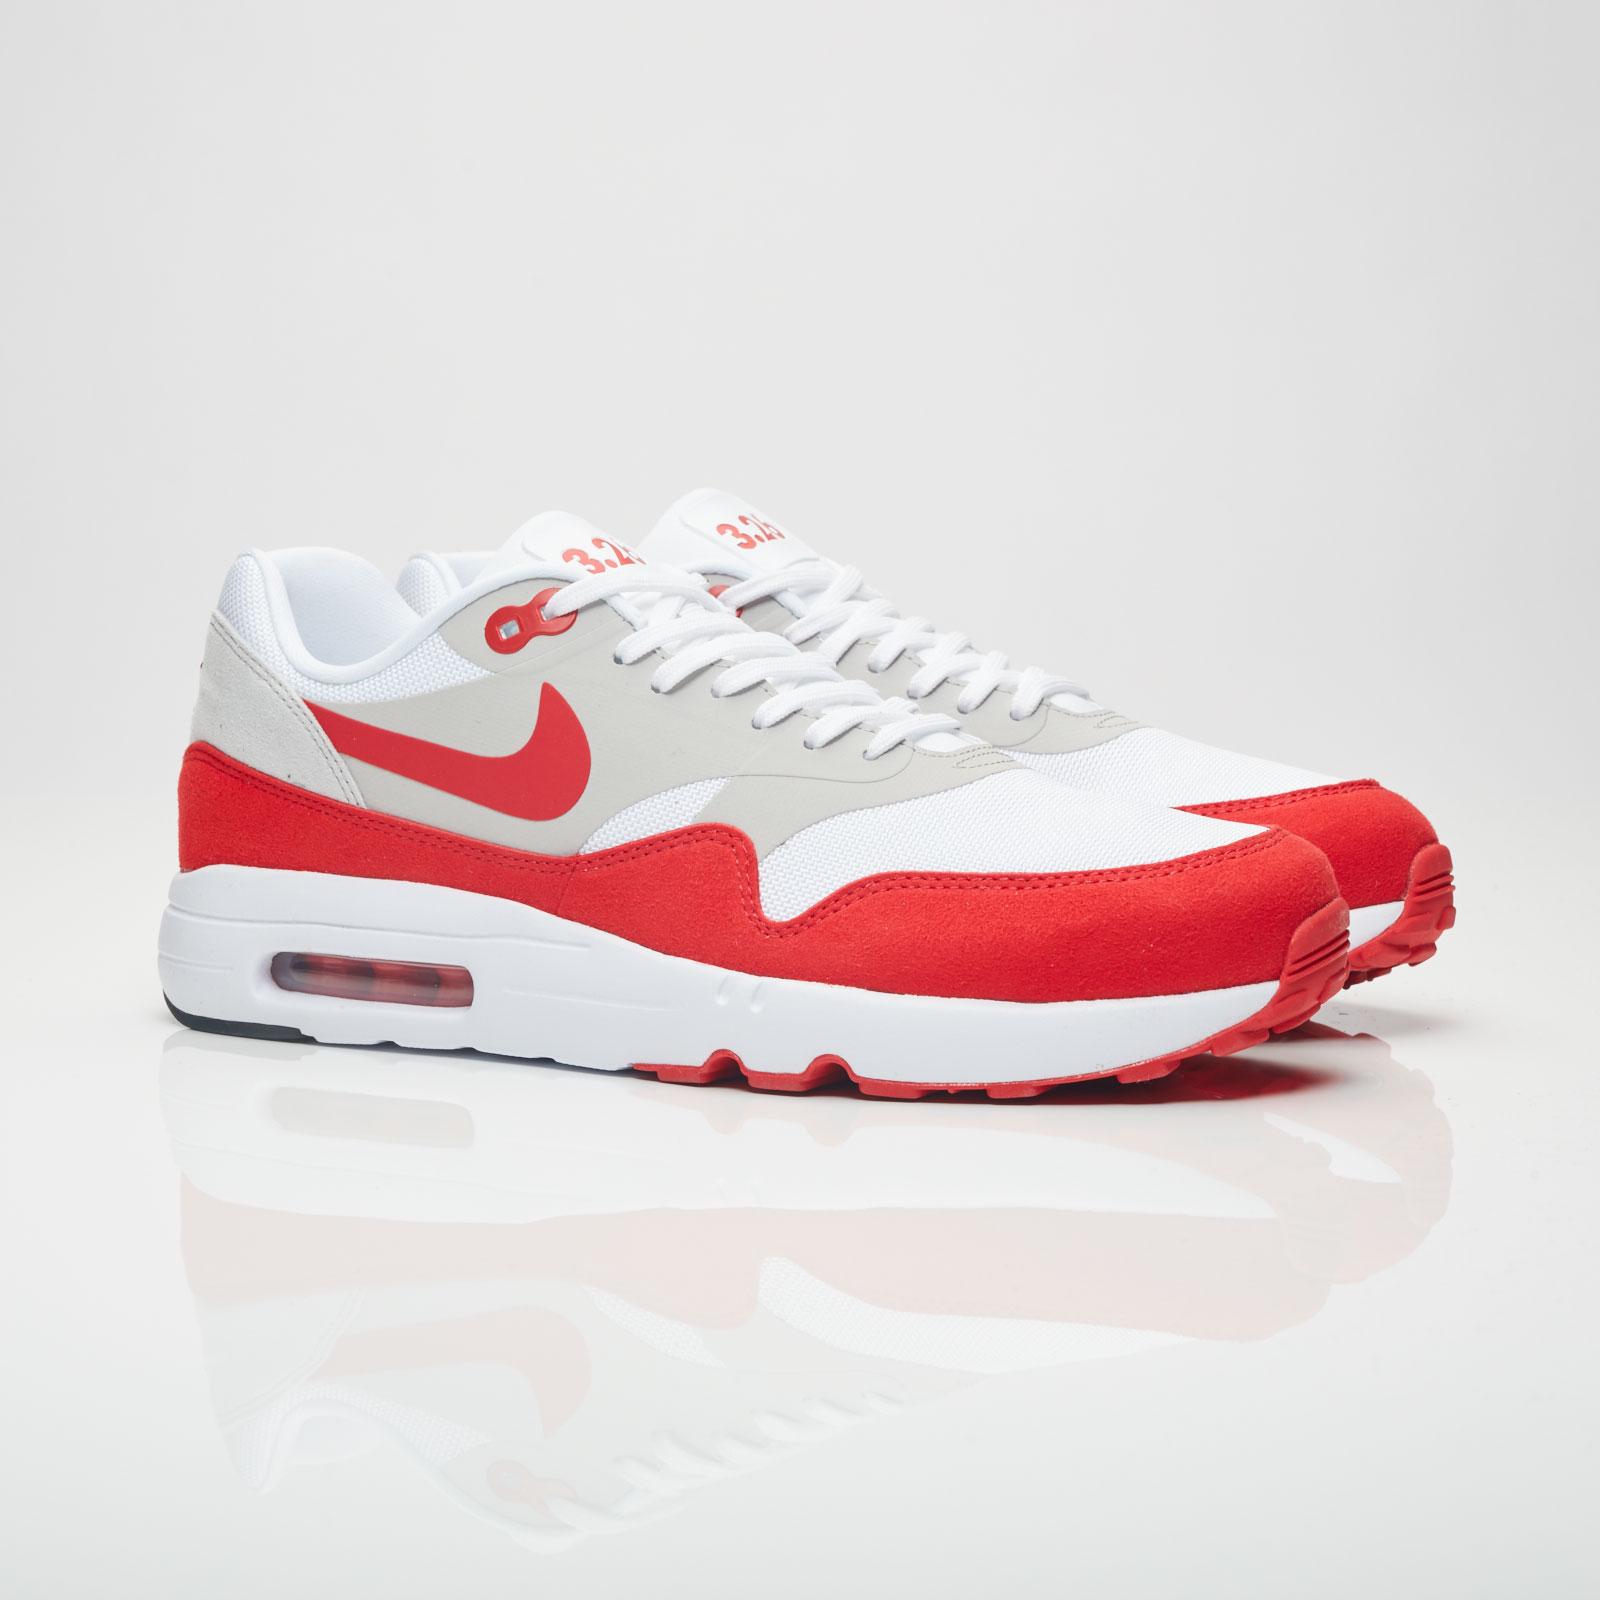 100% authentic 0023b d985c Nike Sportswear Air Max 1 Ultra 2.0 Le